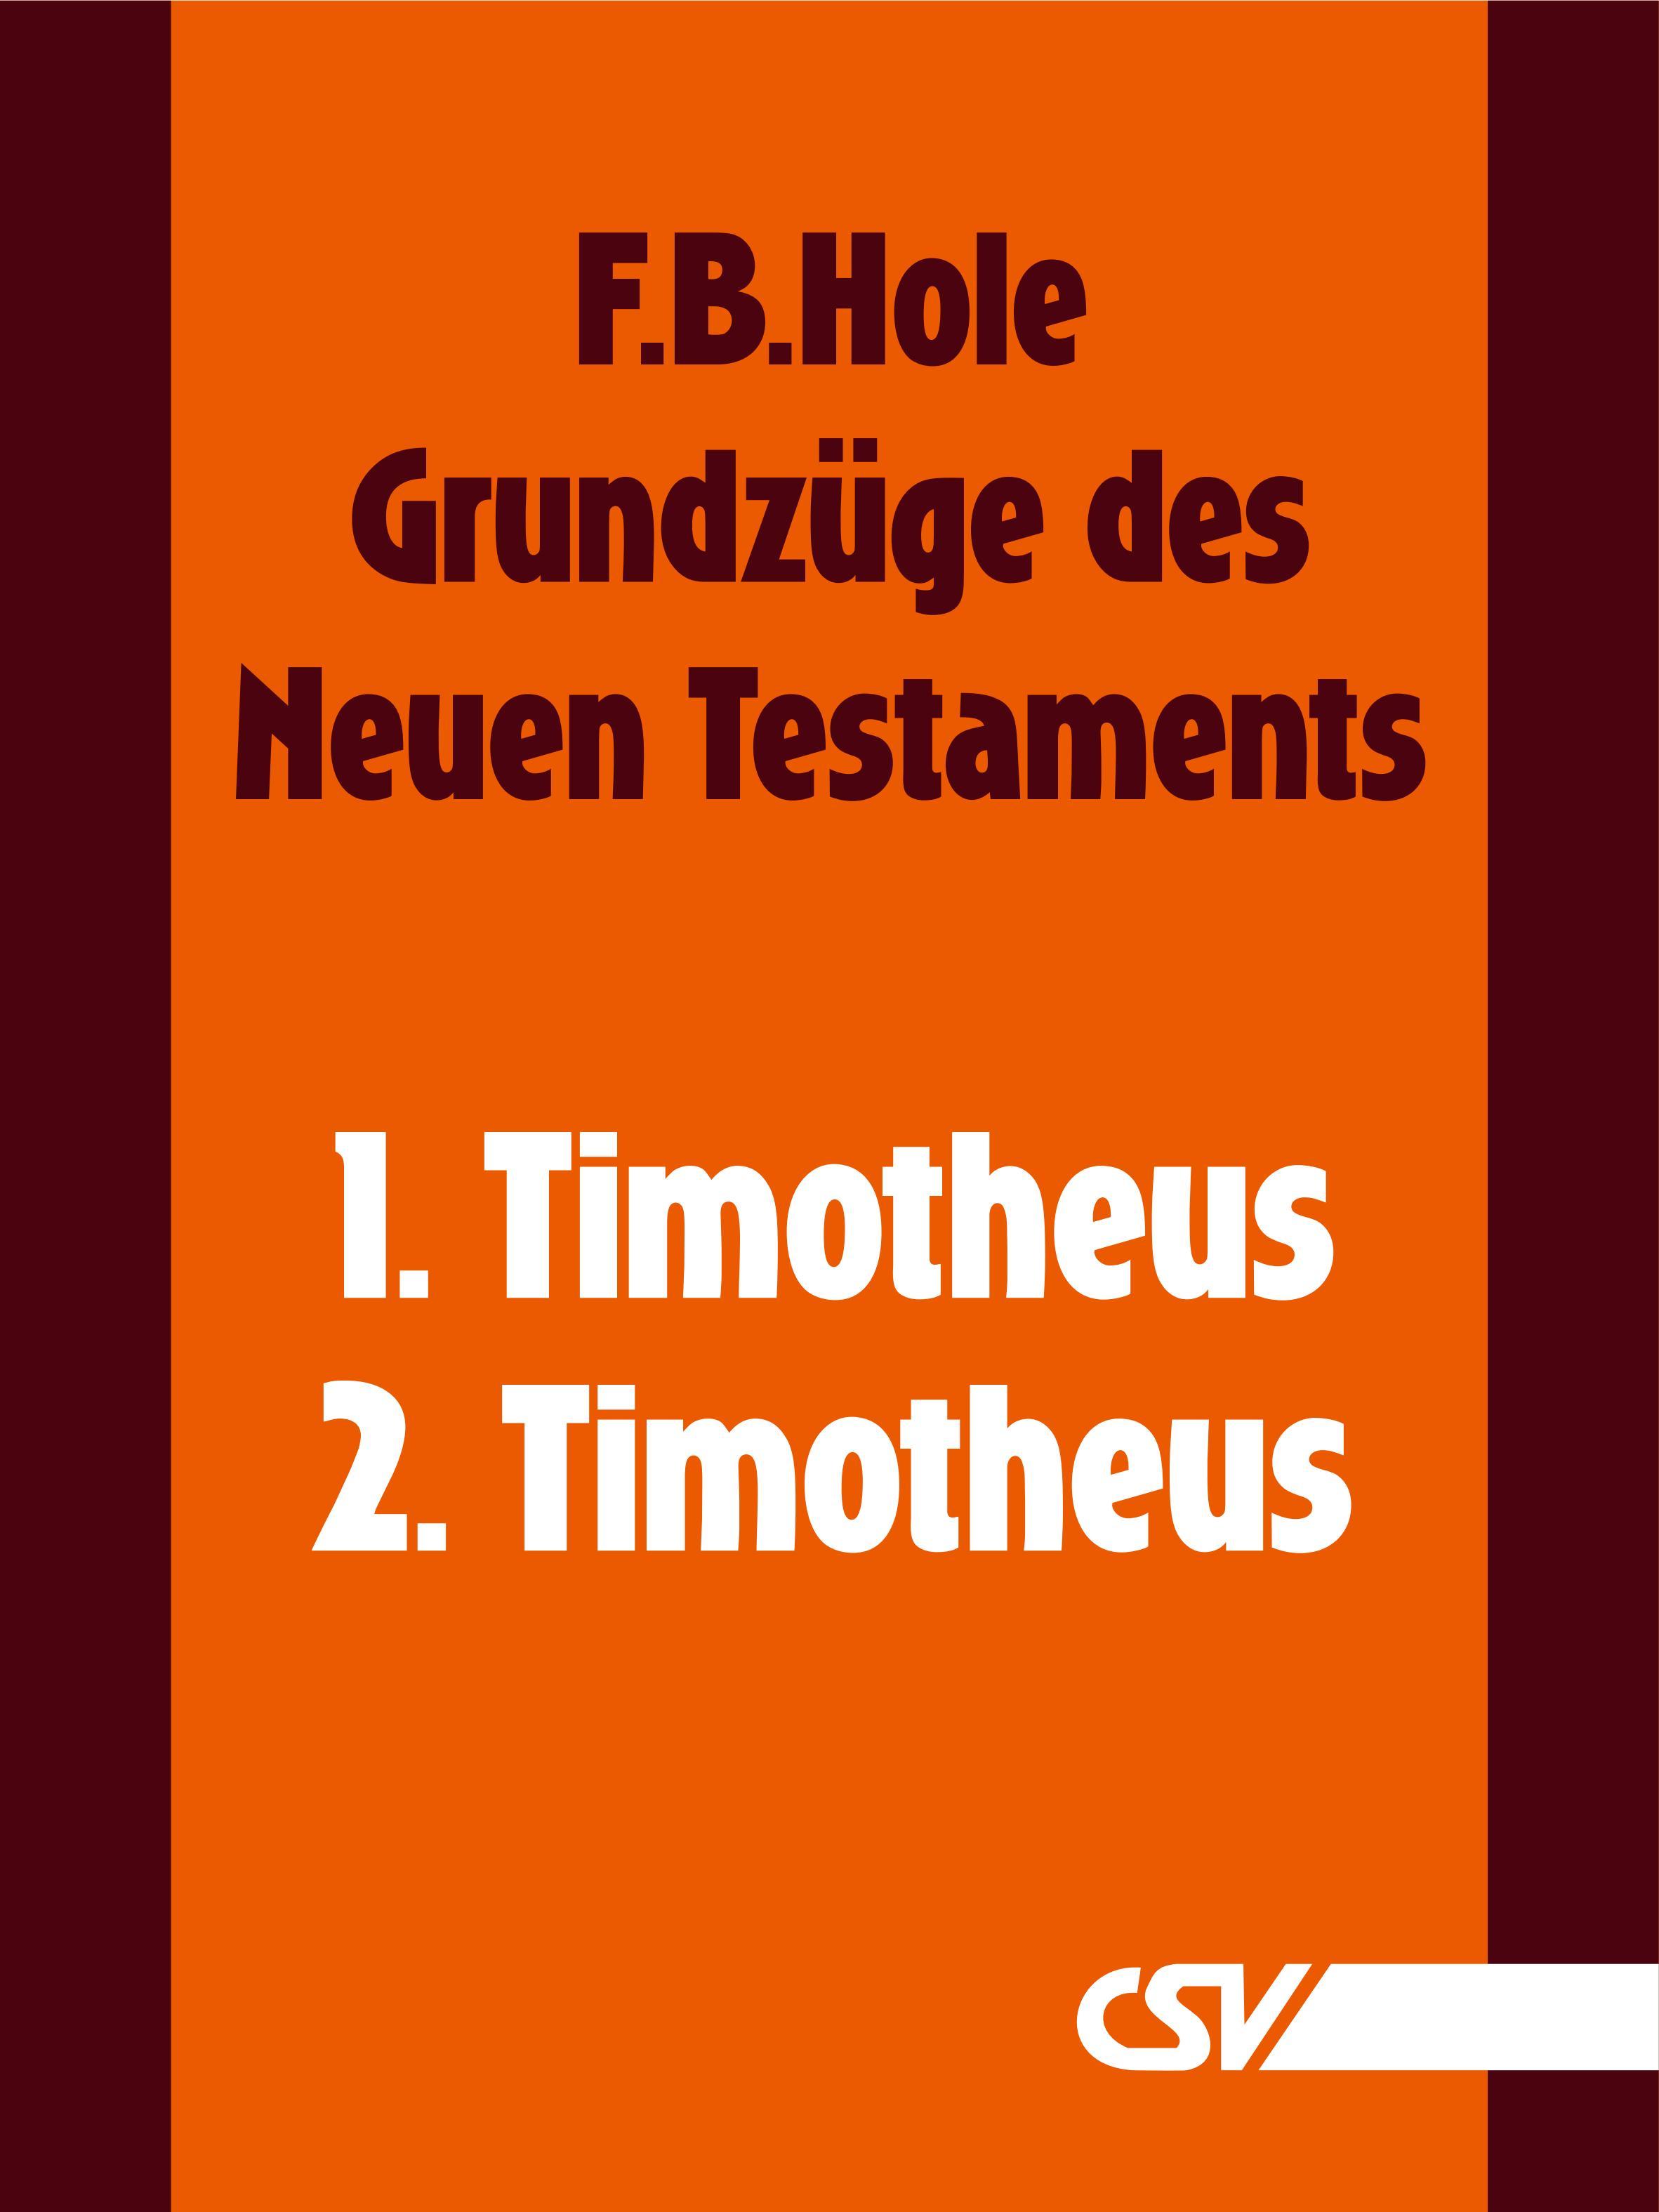 F. B. Hole Grundzüge des Neuen Testaments - 1. & 2. Timotheus f b hole grundzüge des neuen testaments 2 korinther